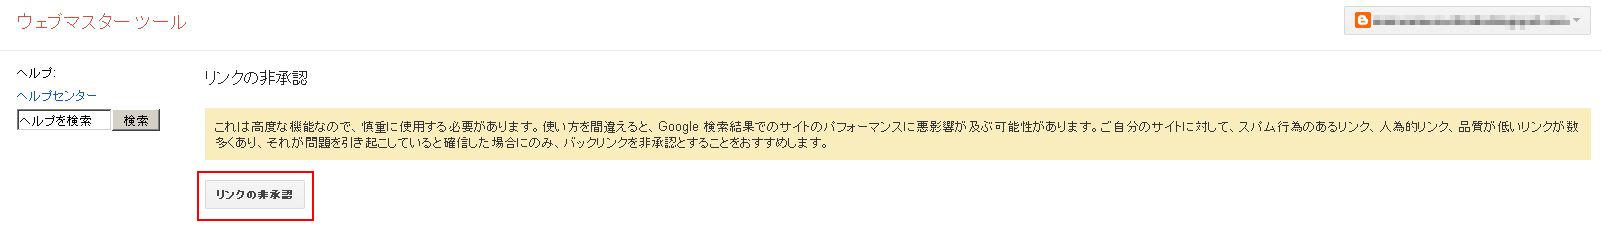 Googleの「リンクの否認」ツール画面02